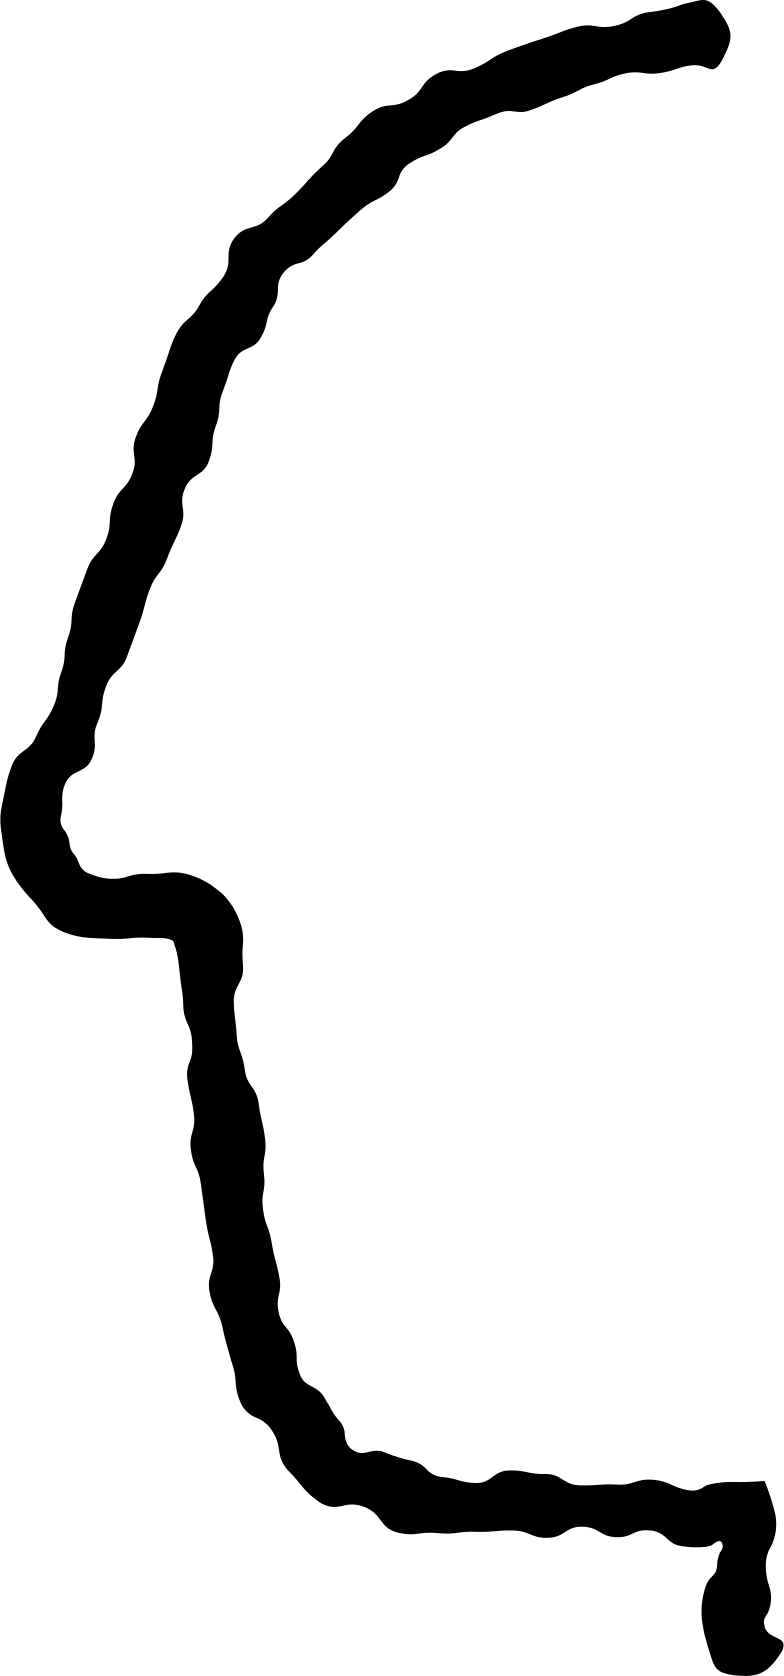 shape man Clipart illustration in PNG, SVG